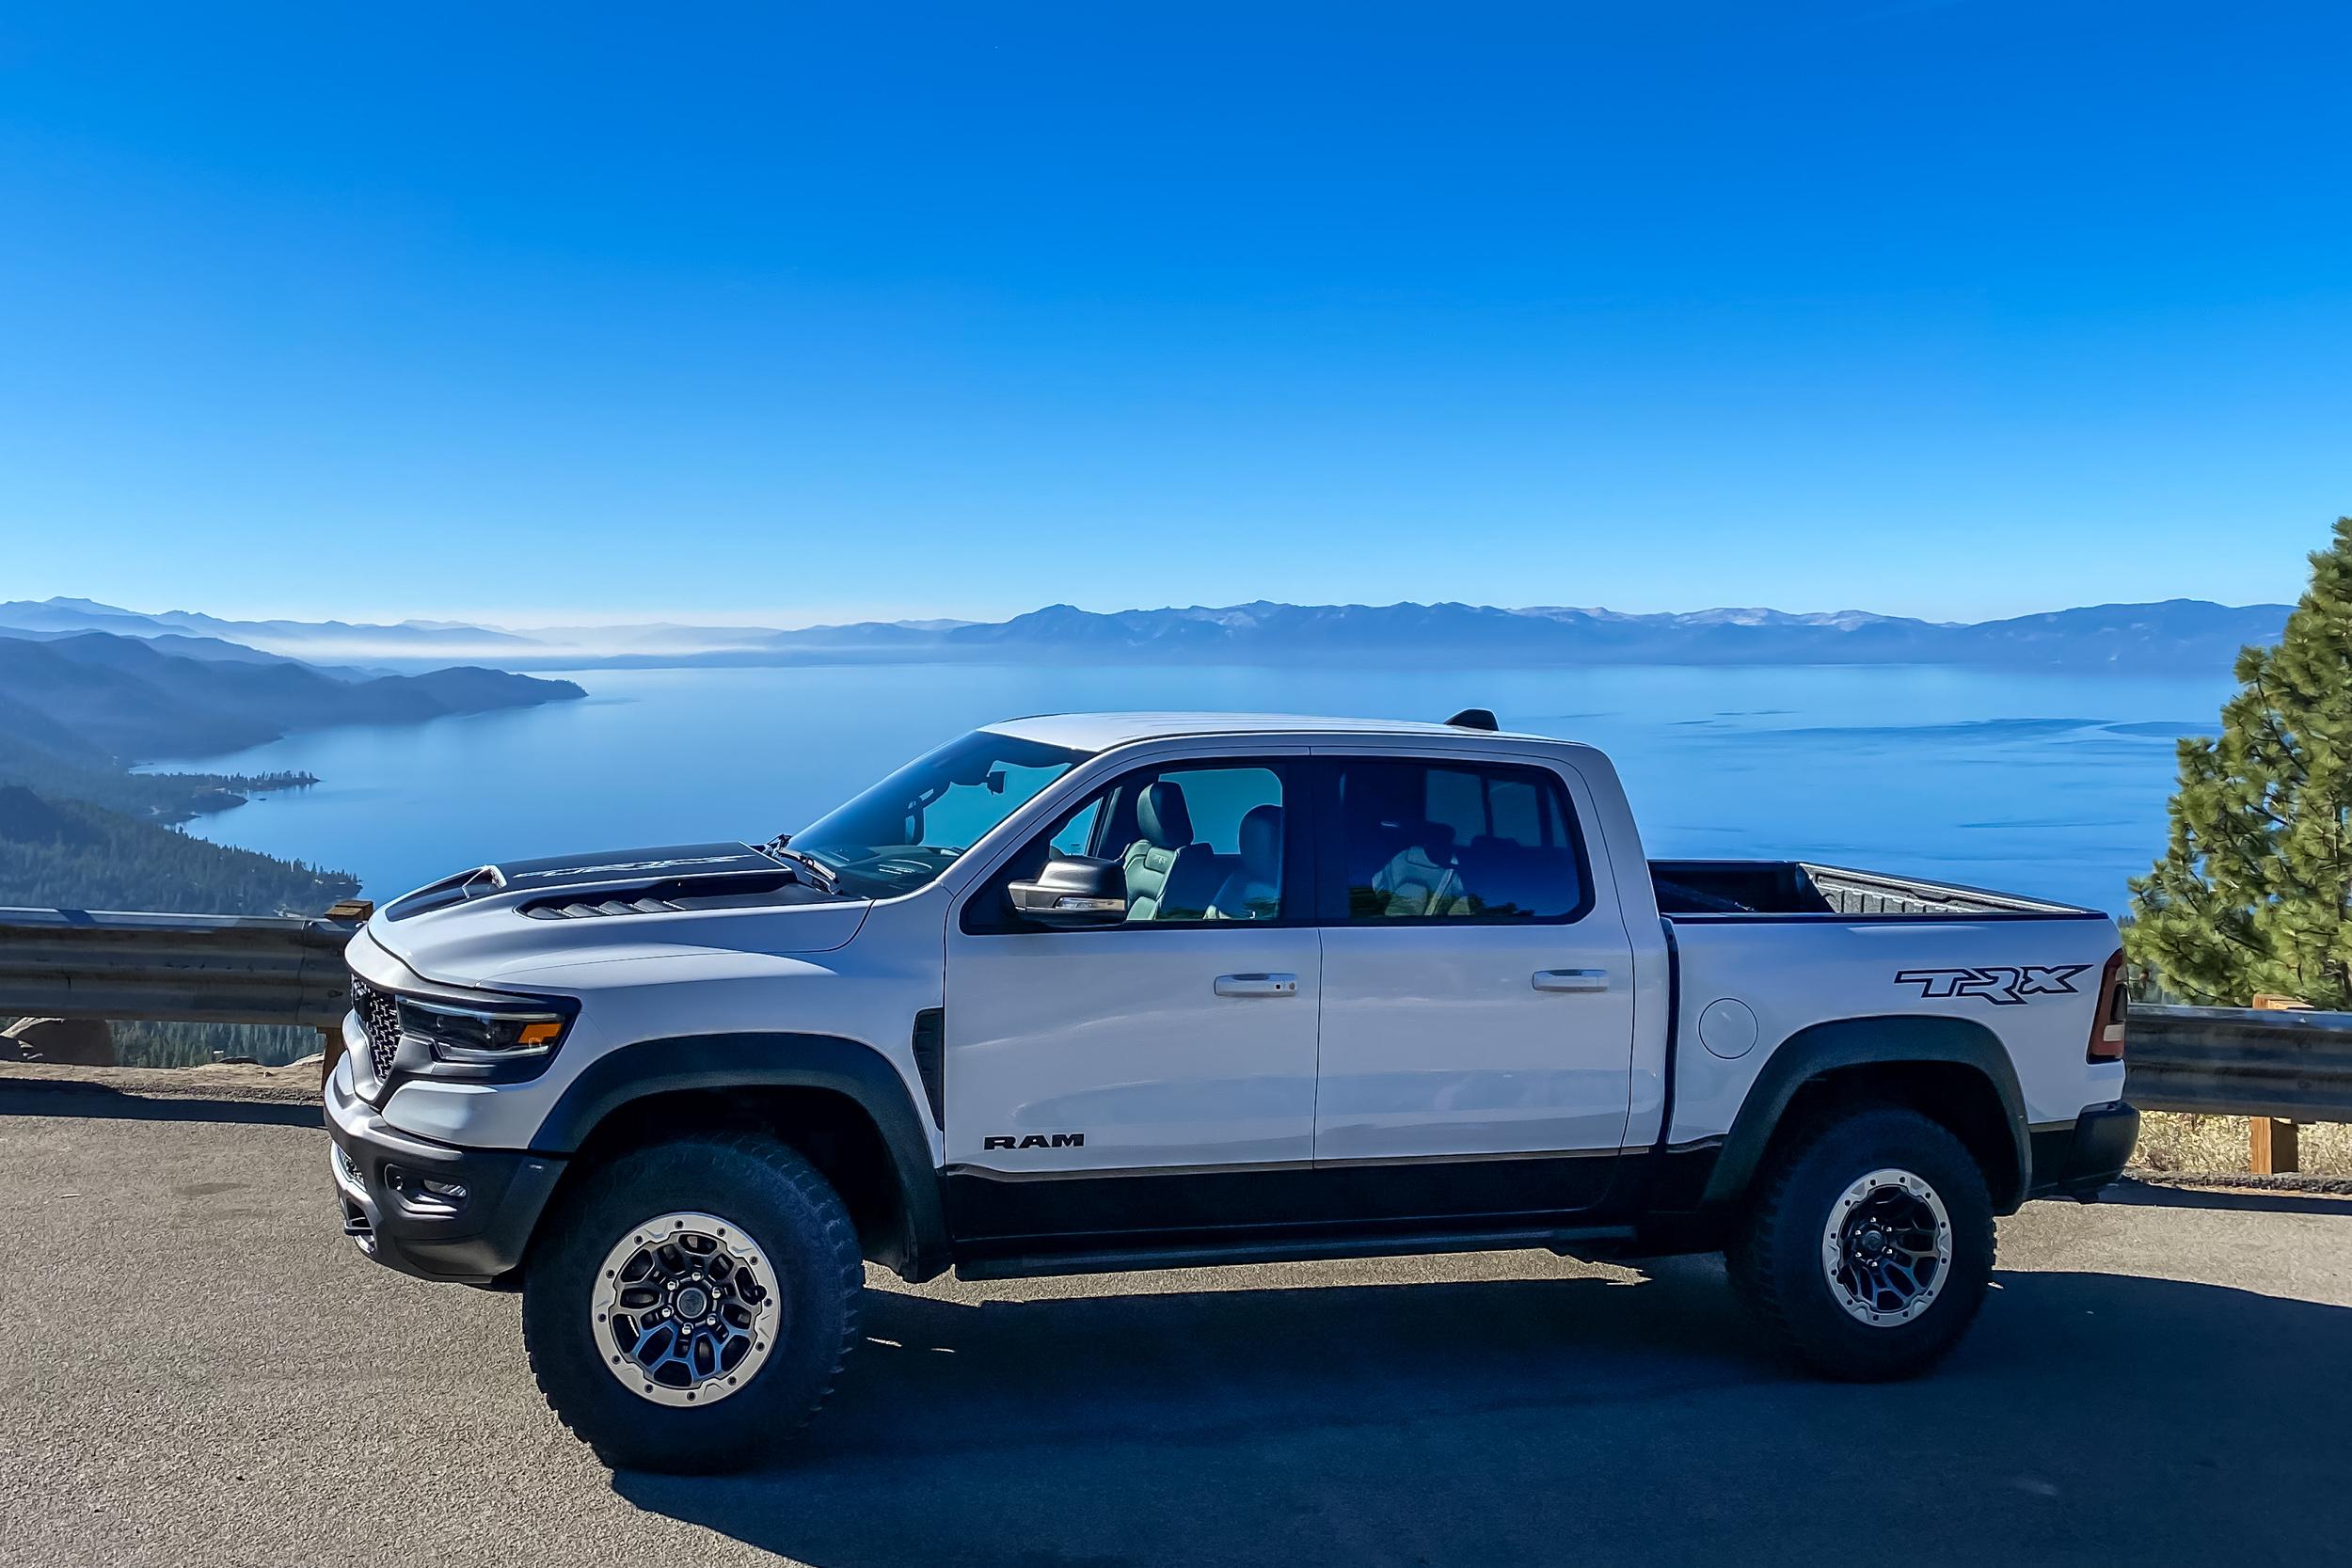 2021 RAM 1500 TRX Lake Tahoe